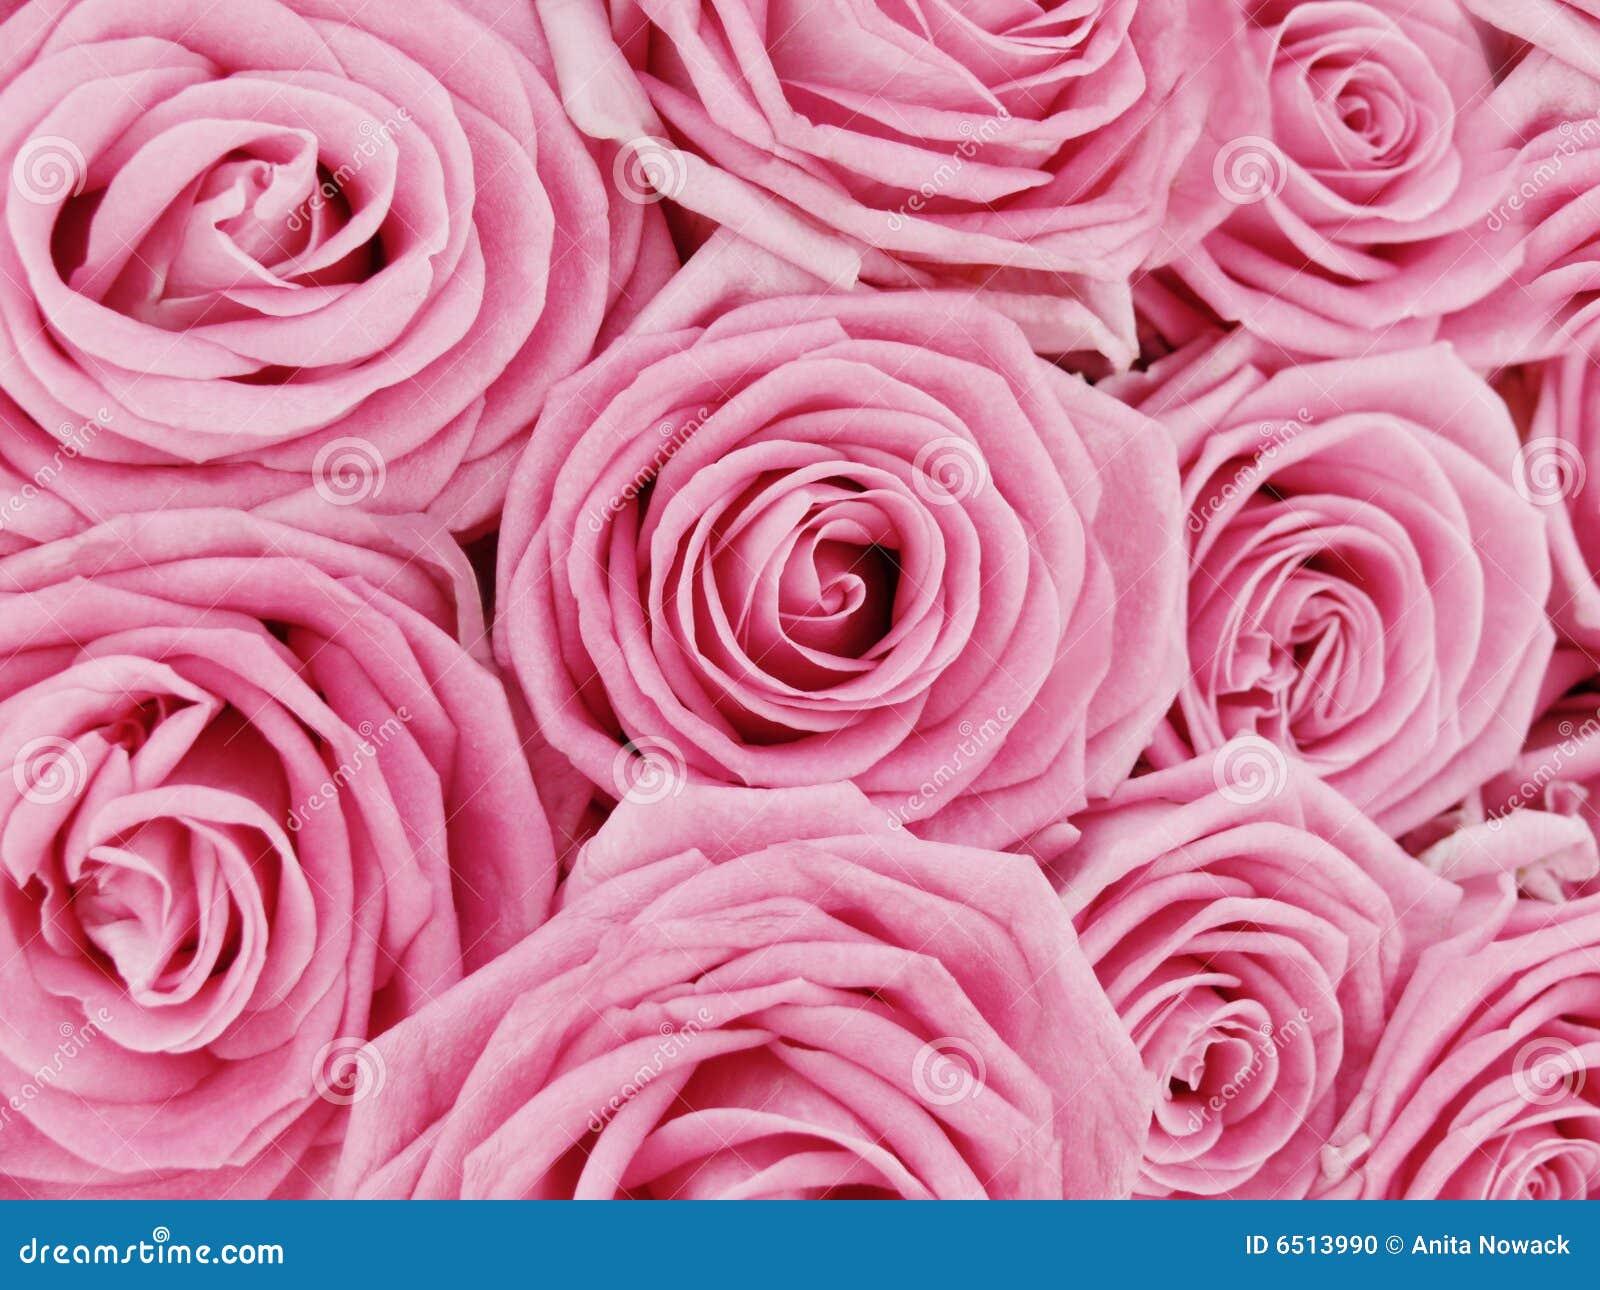 Mazzo Di Fiori Sinonimo.Mazzo Di Rose Dentellare Fotografia Stock Immagine Di Ecologico